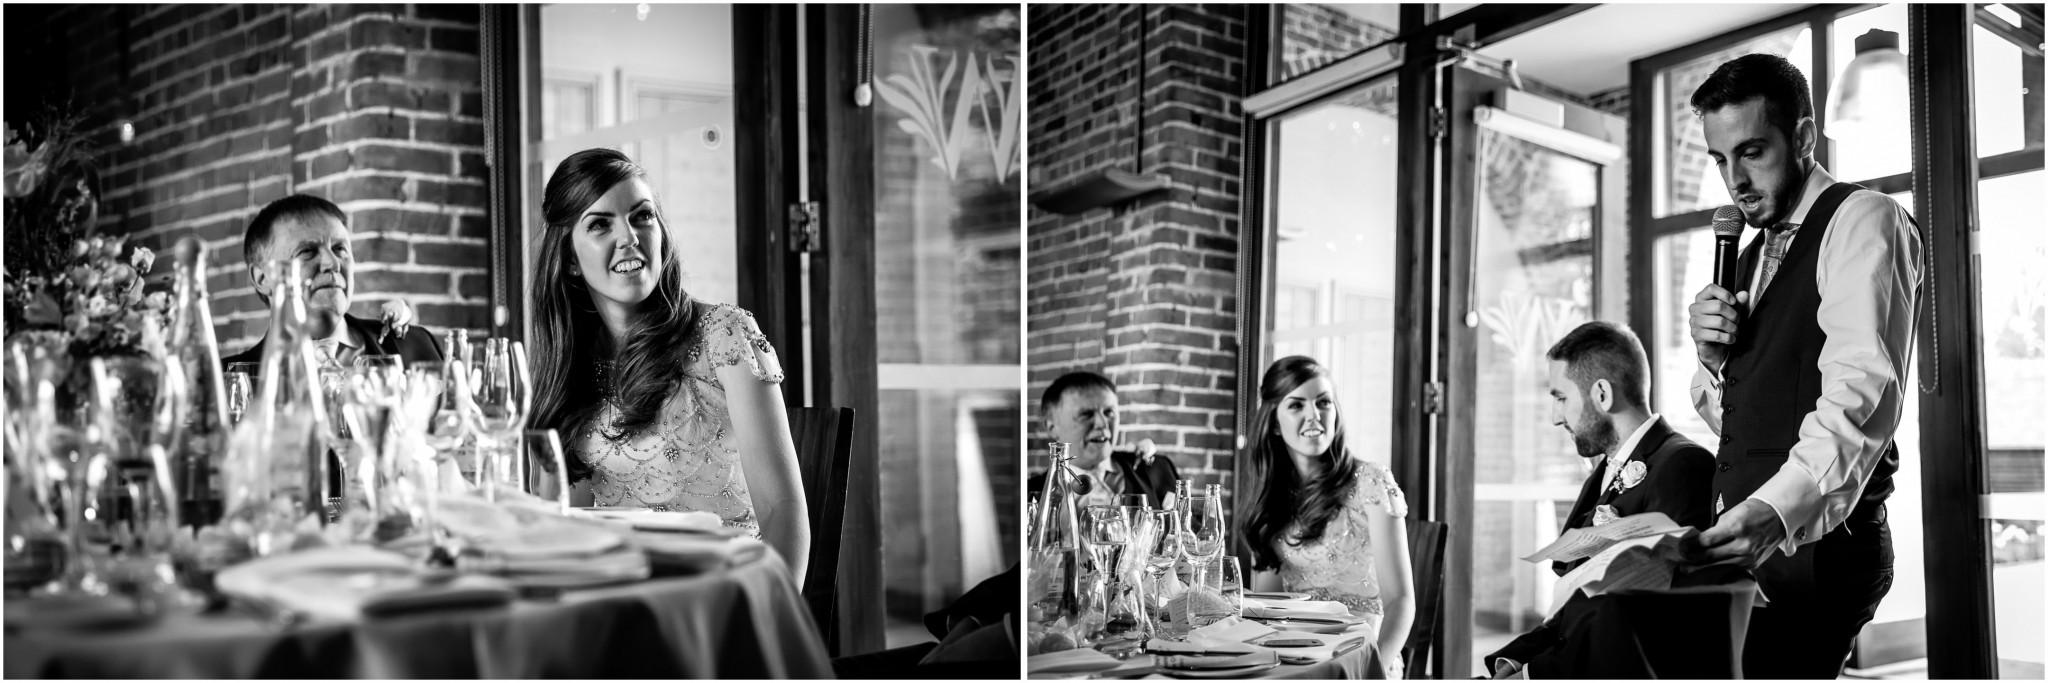 Wasing Park Wedding Photography Best Man's speech